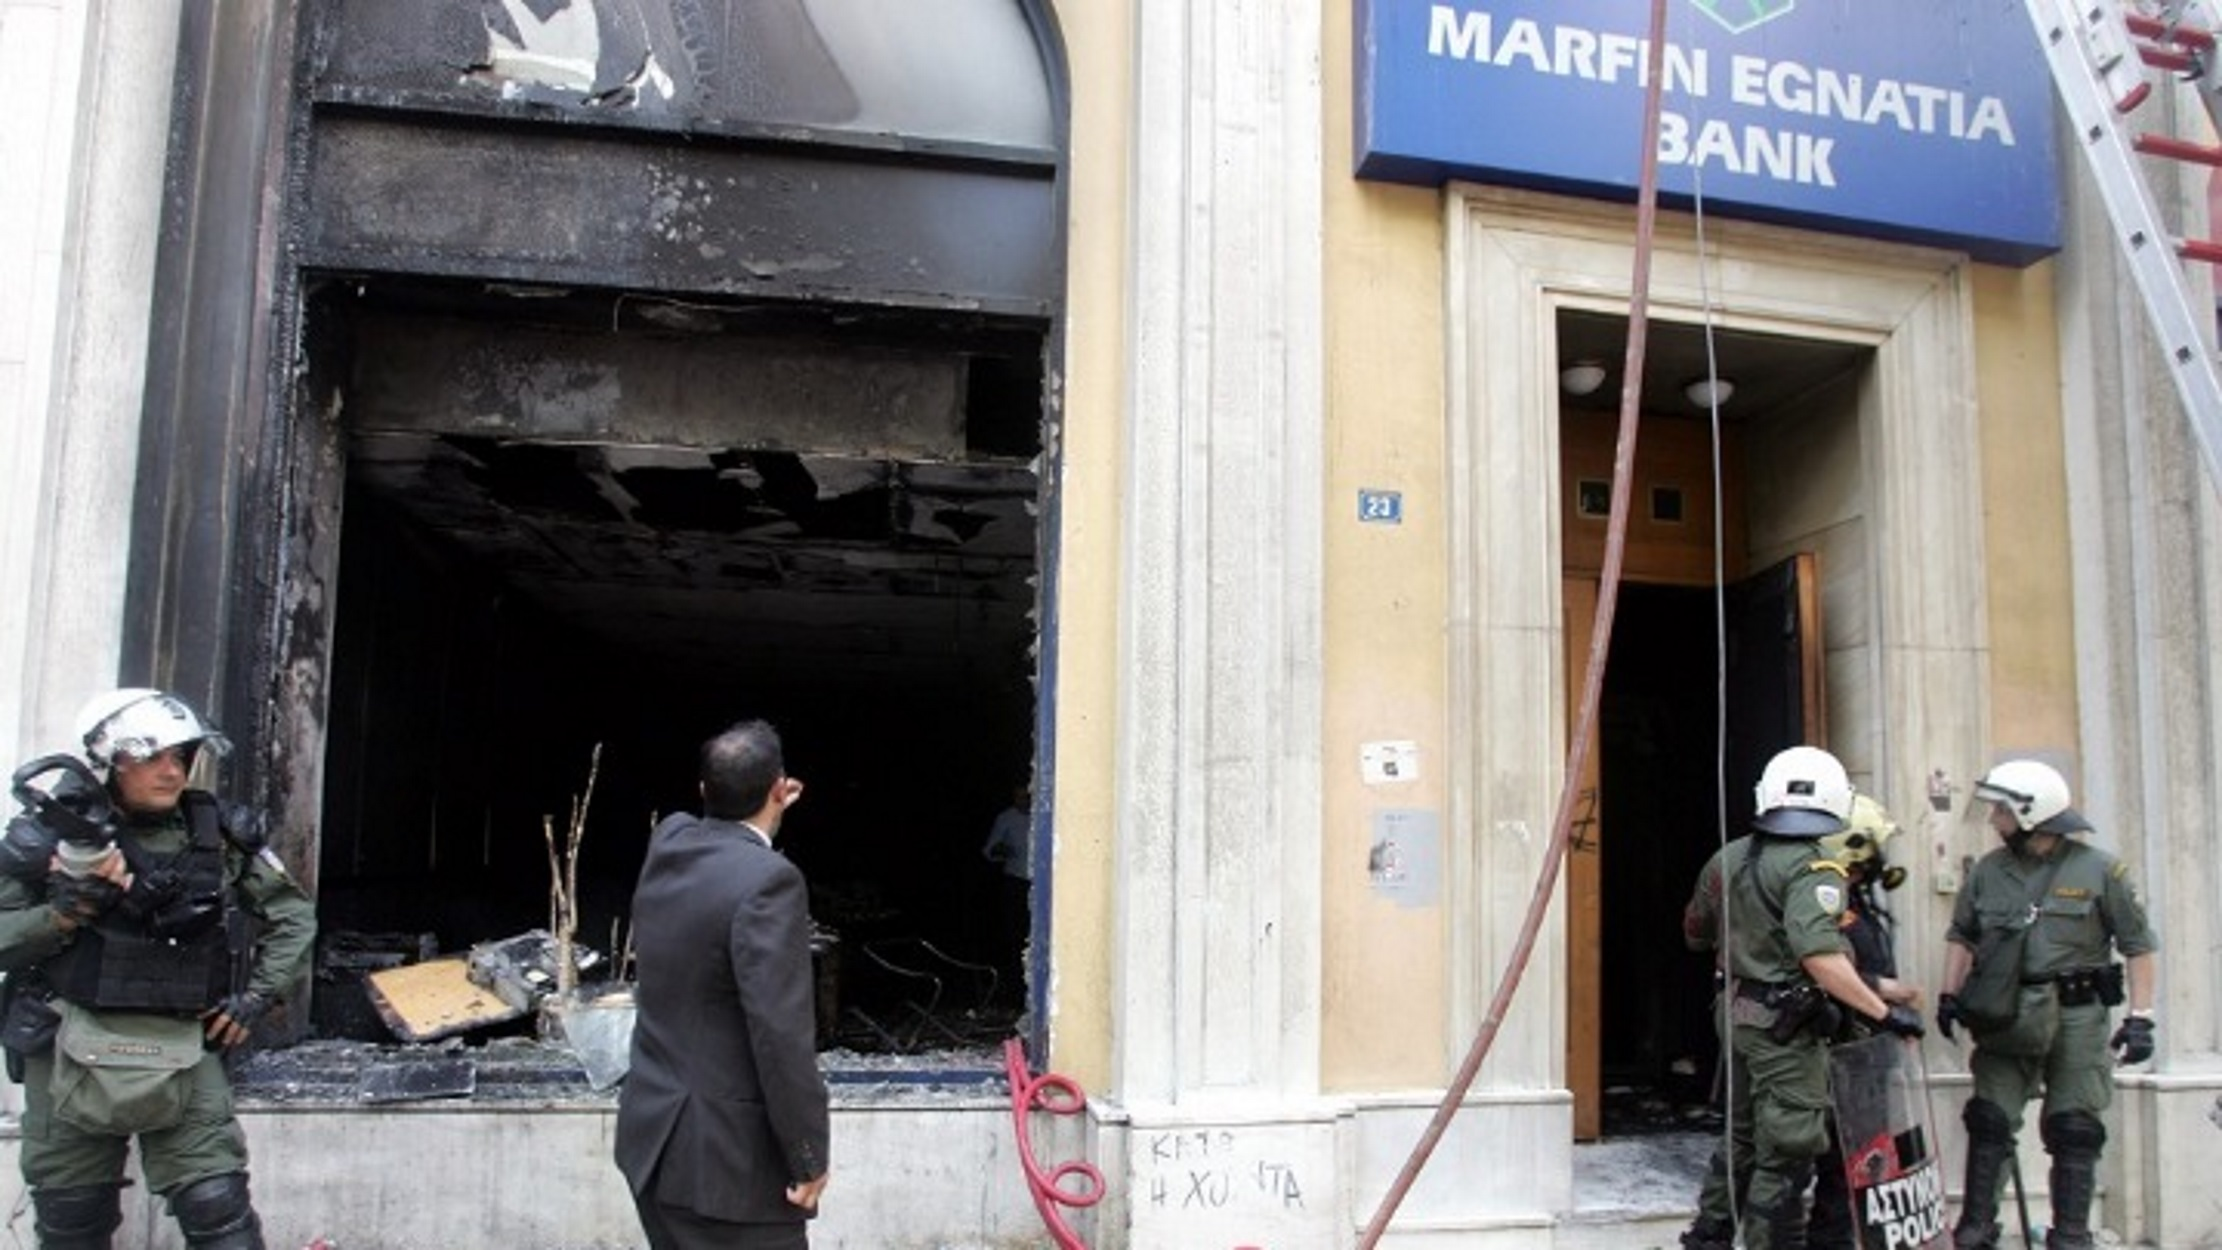 Κυβέρνηση: Ισχύει η δέσμευση για αποζημιώσεις στα θύματα της Marfin